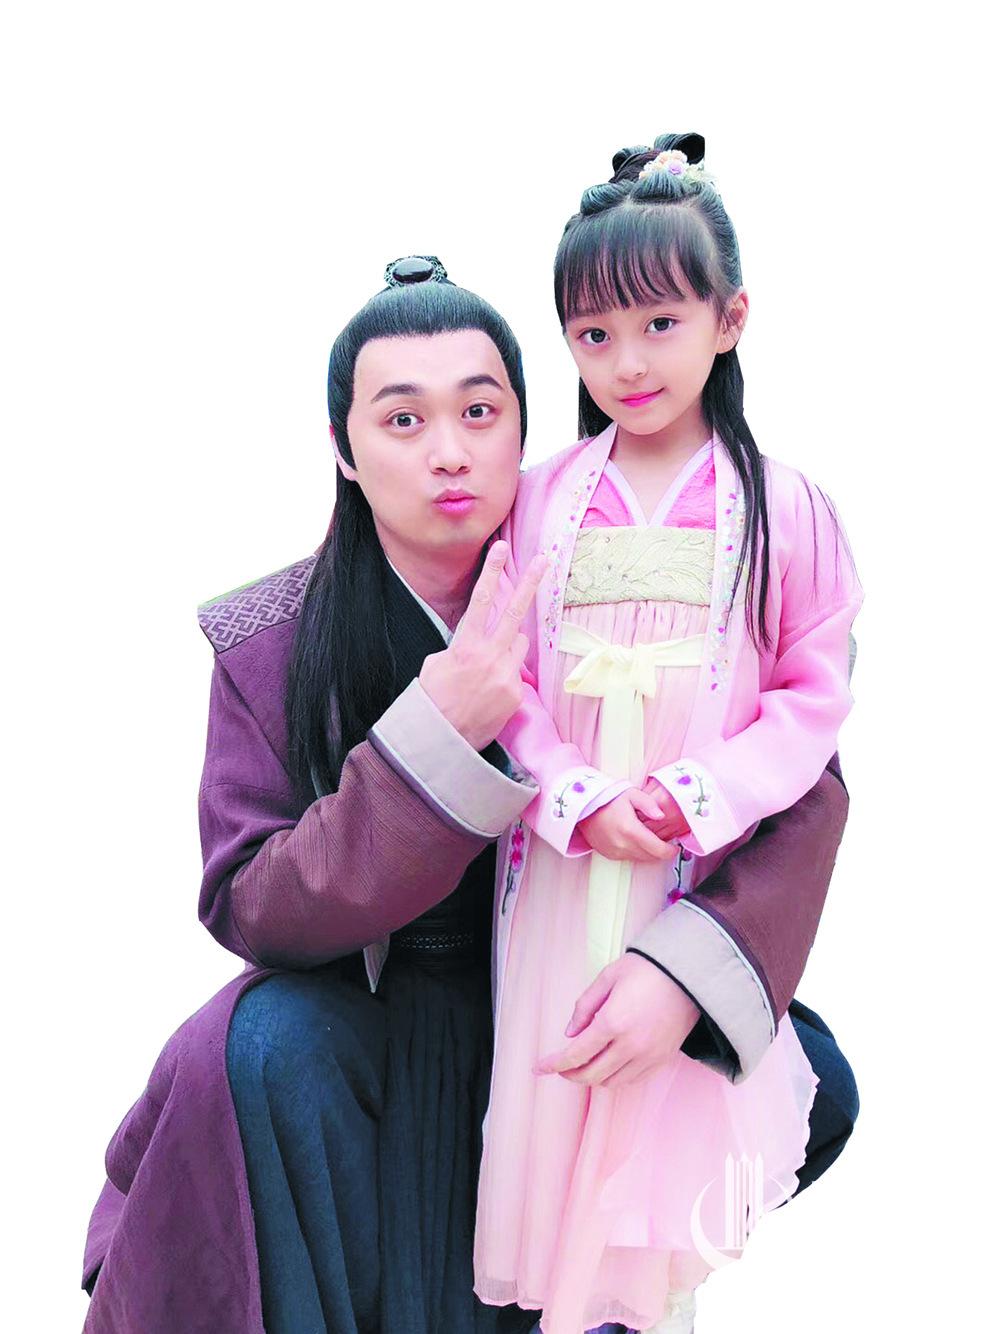 林若惜参演的《倚天屠龙记》《新白娘子传奇》最近热播